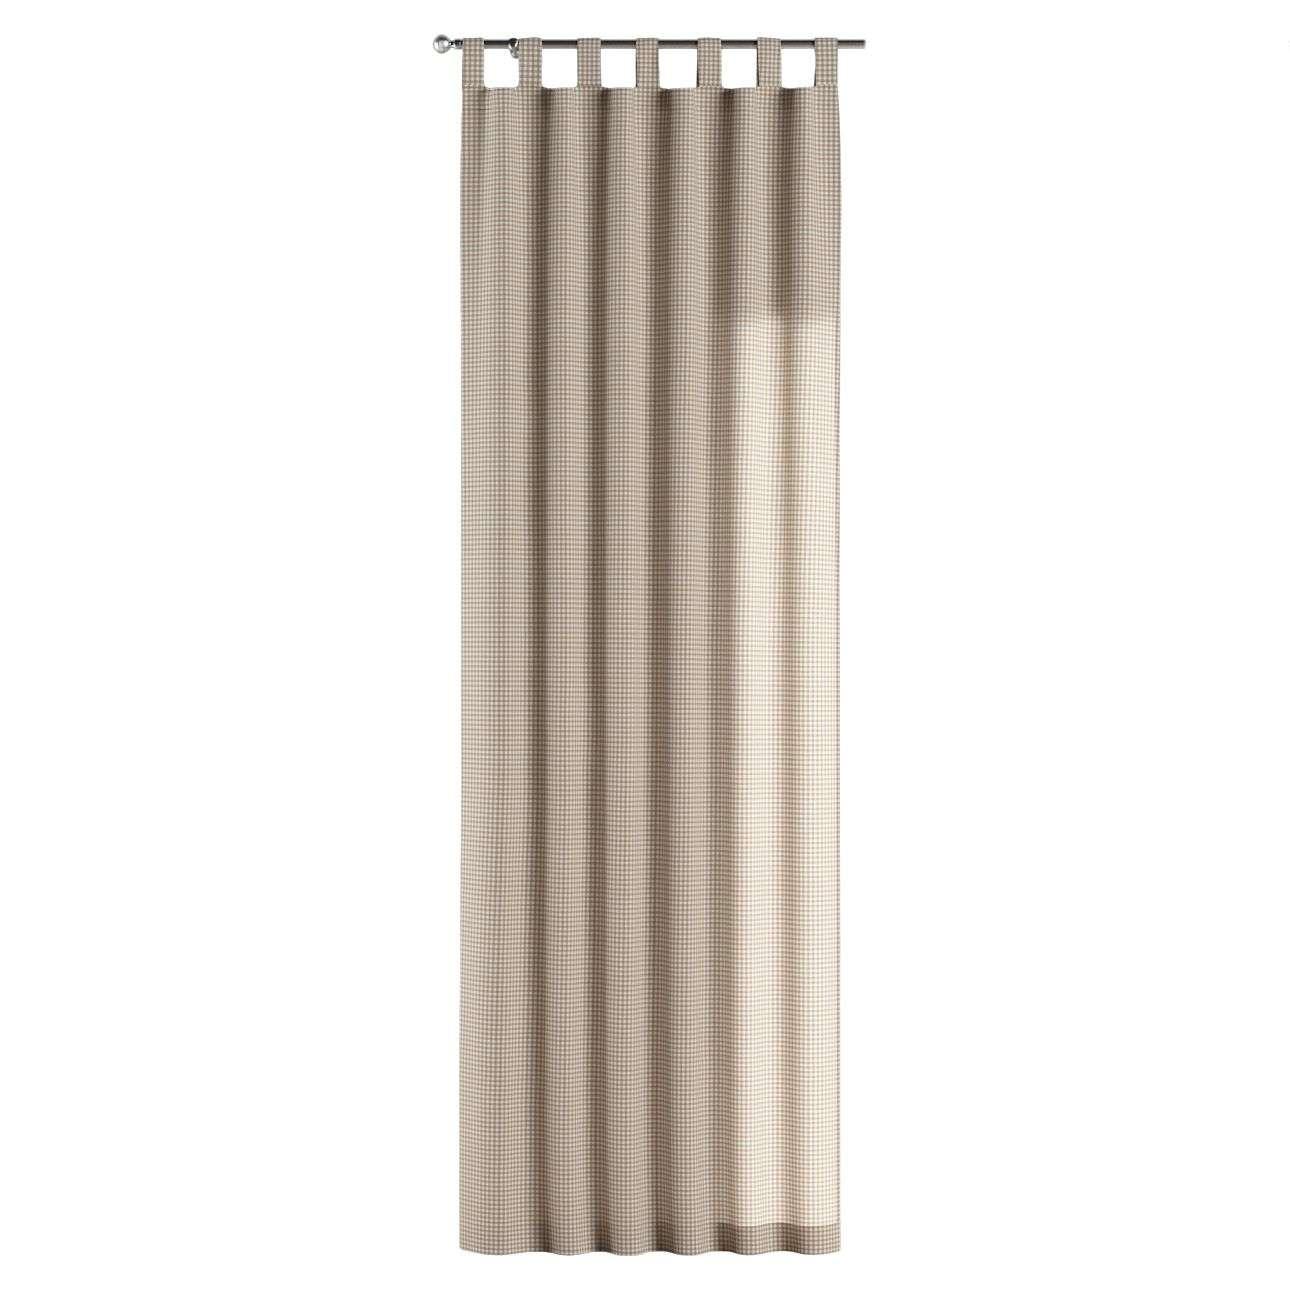 Kilpinio klostavimo užuolaidos 130 x 260 cm (plotis x ilgis) kolekcijoje Quadro, audinys: 136-05